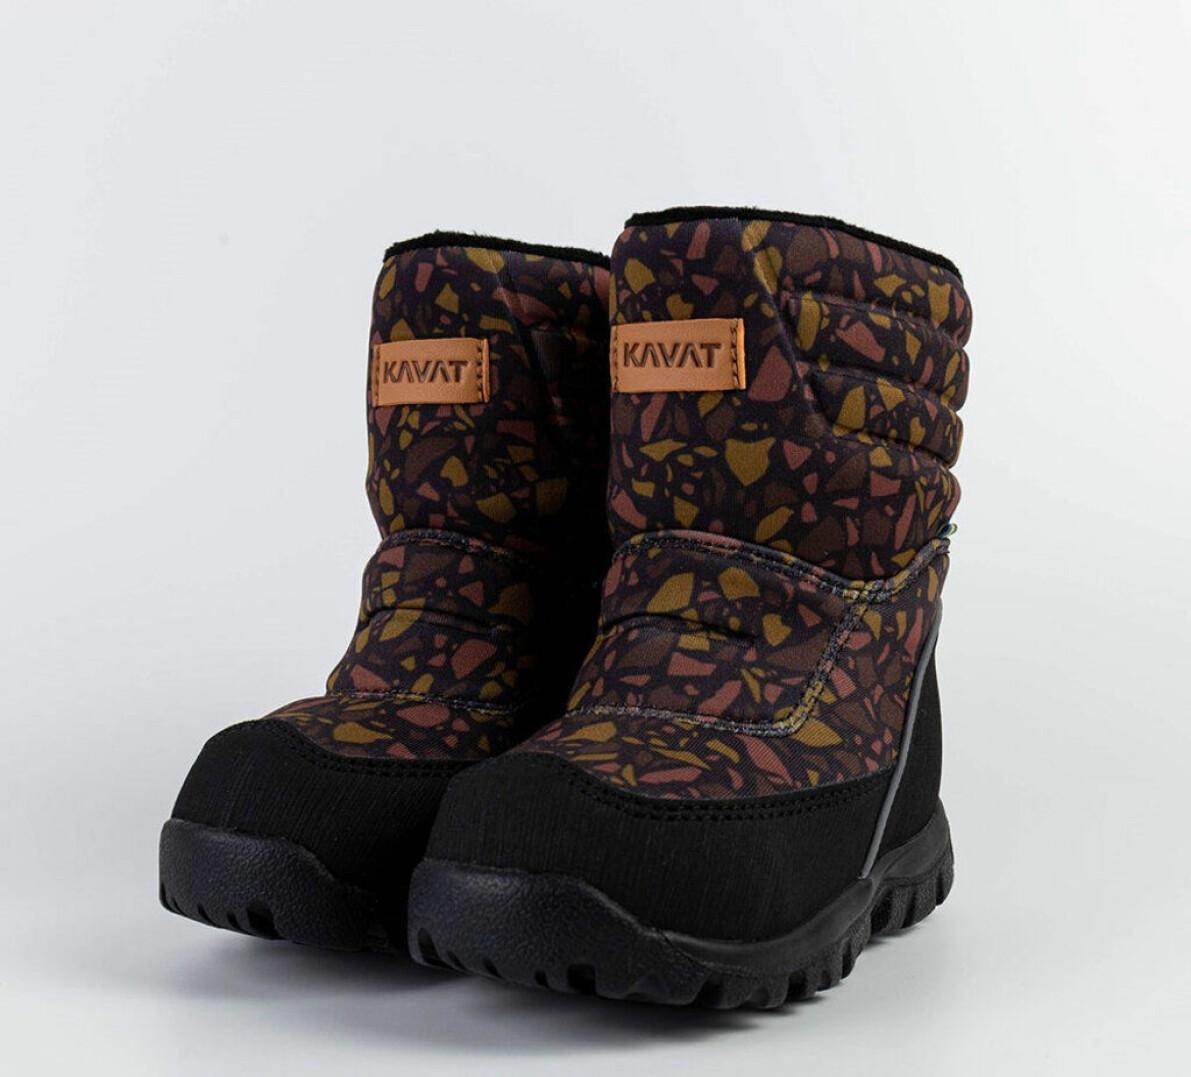 Mönstrad sko från kavat